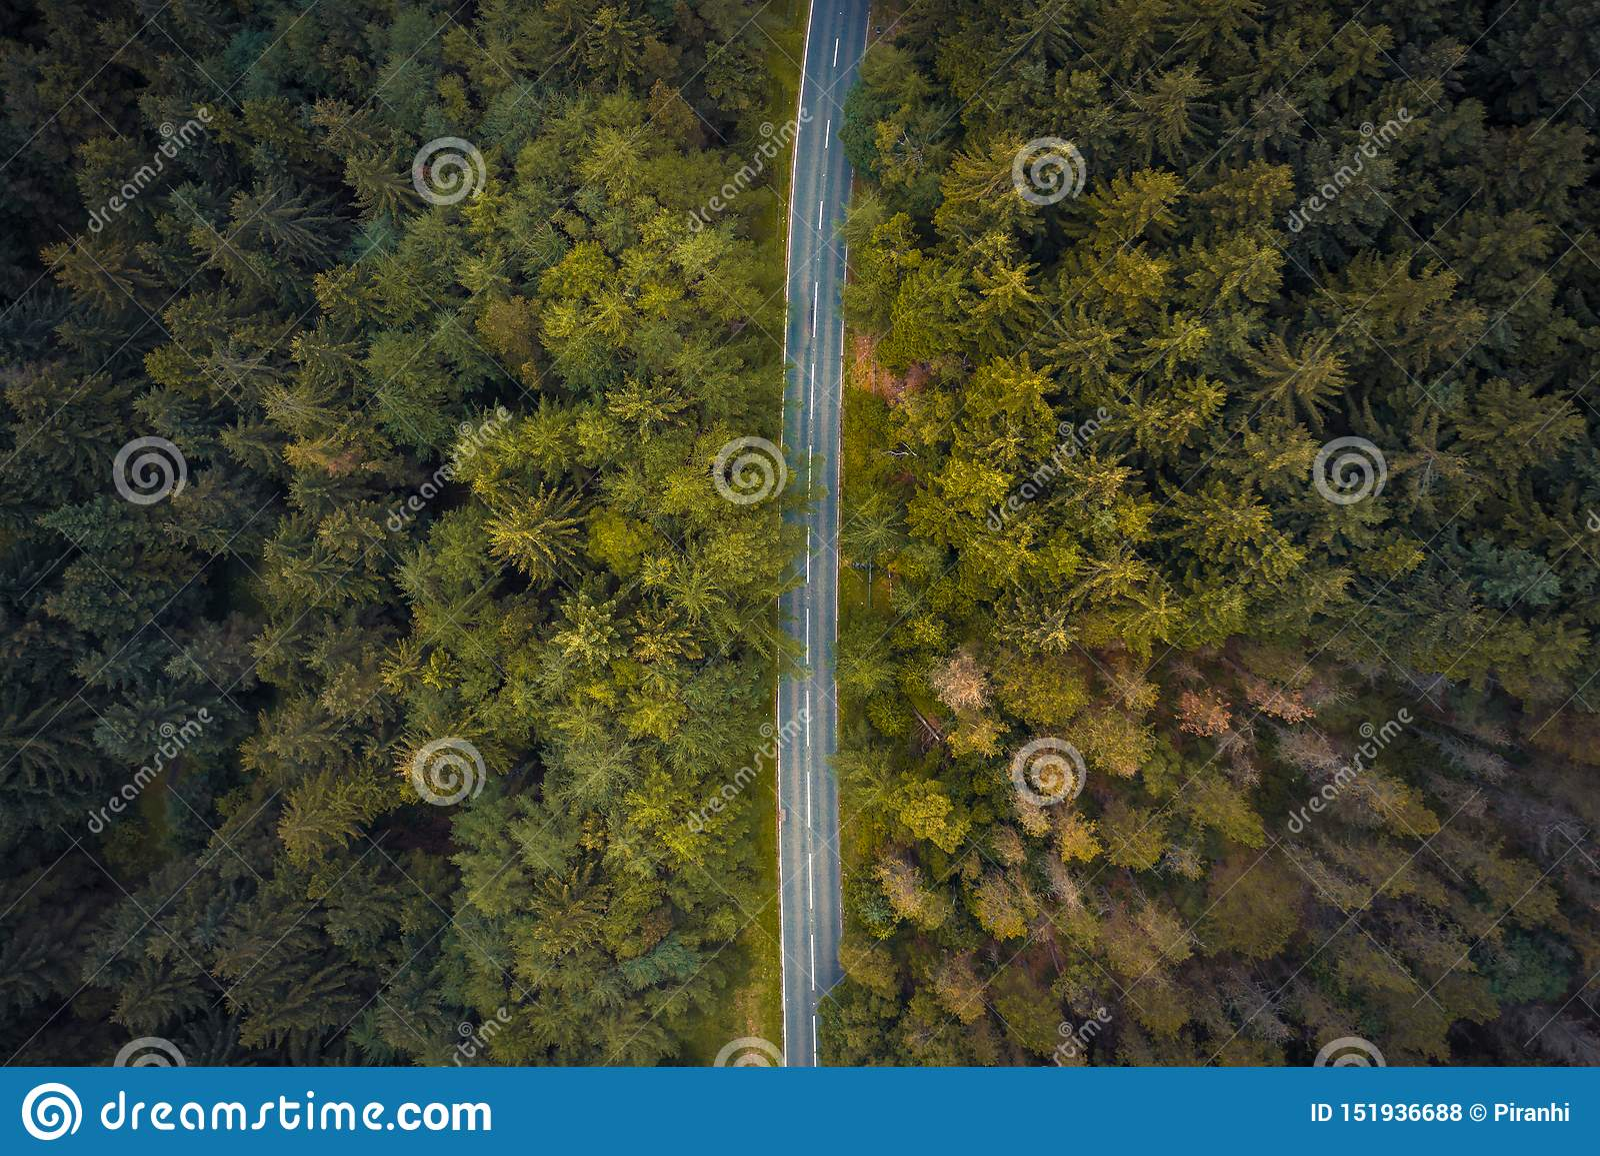 Verbazend luchtschot van de bomen langs de Slangpas in Piekdistricts Nationaal Park, schot in de zomer van 2019